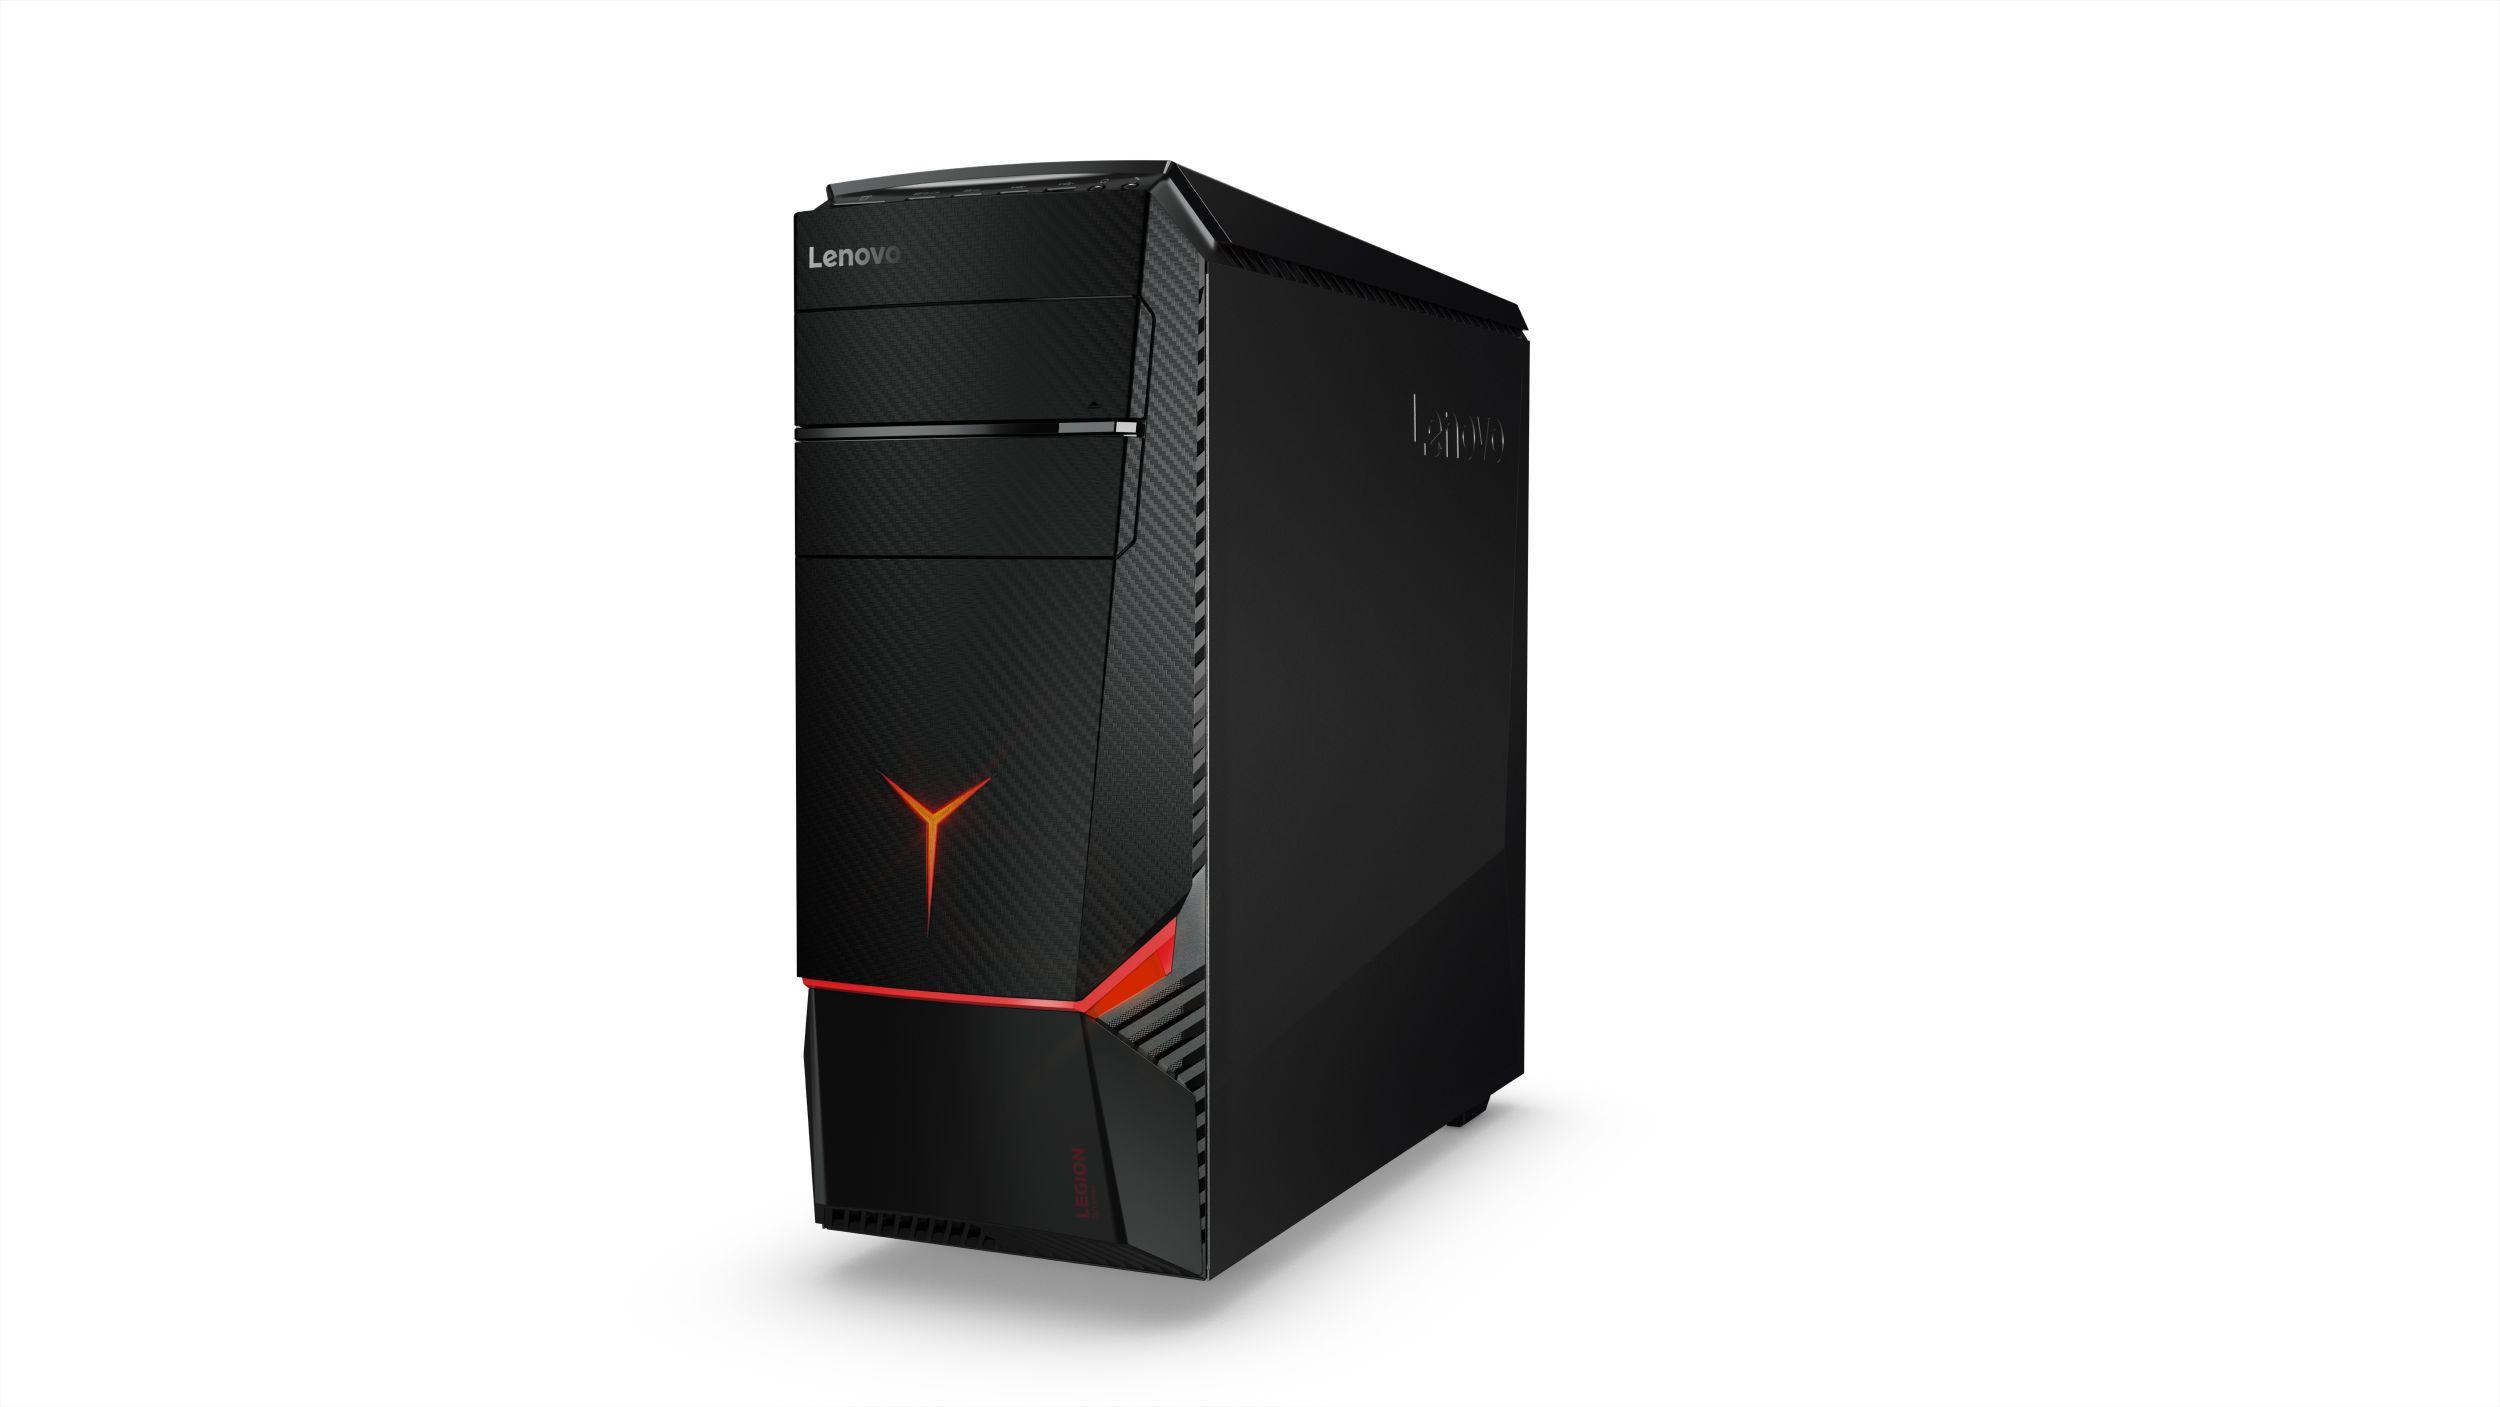 Lenovo Legion Y720T-34ASU AMD Ryzen 5 1400 3,40GHz/8GB/SSD 128GB+HDD 1TB/Radeon 4GB/DVD-RW/TWR/36m ON-SITE/WIN10 Home